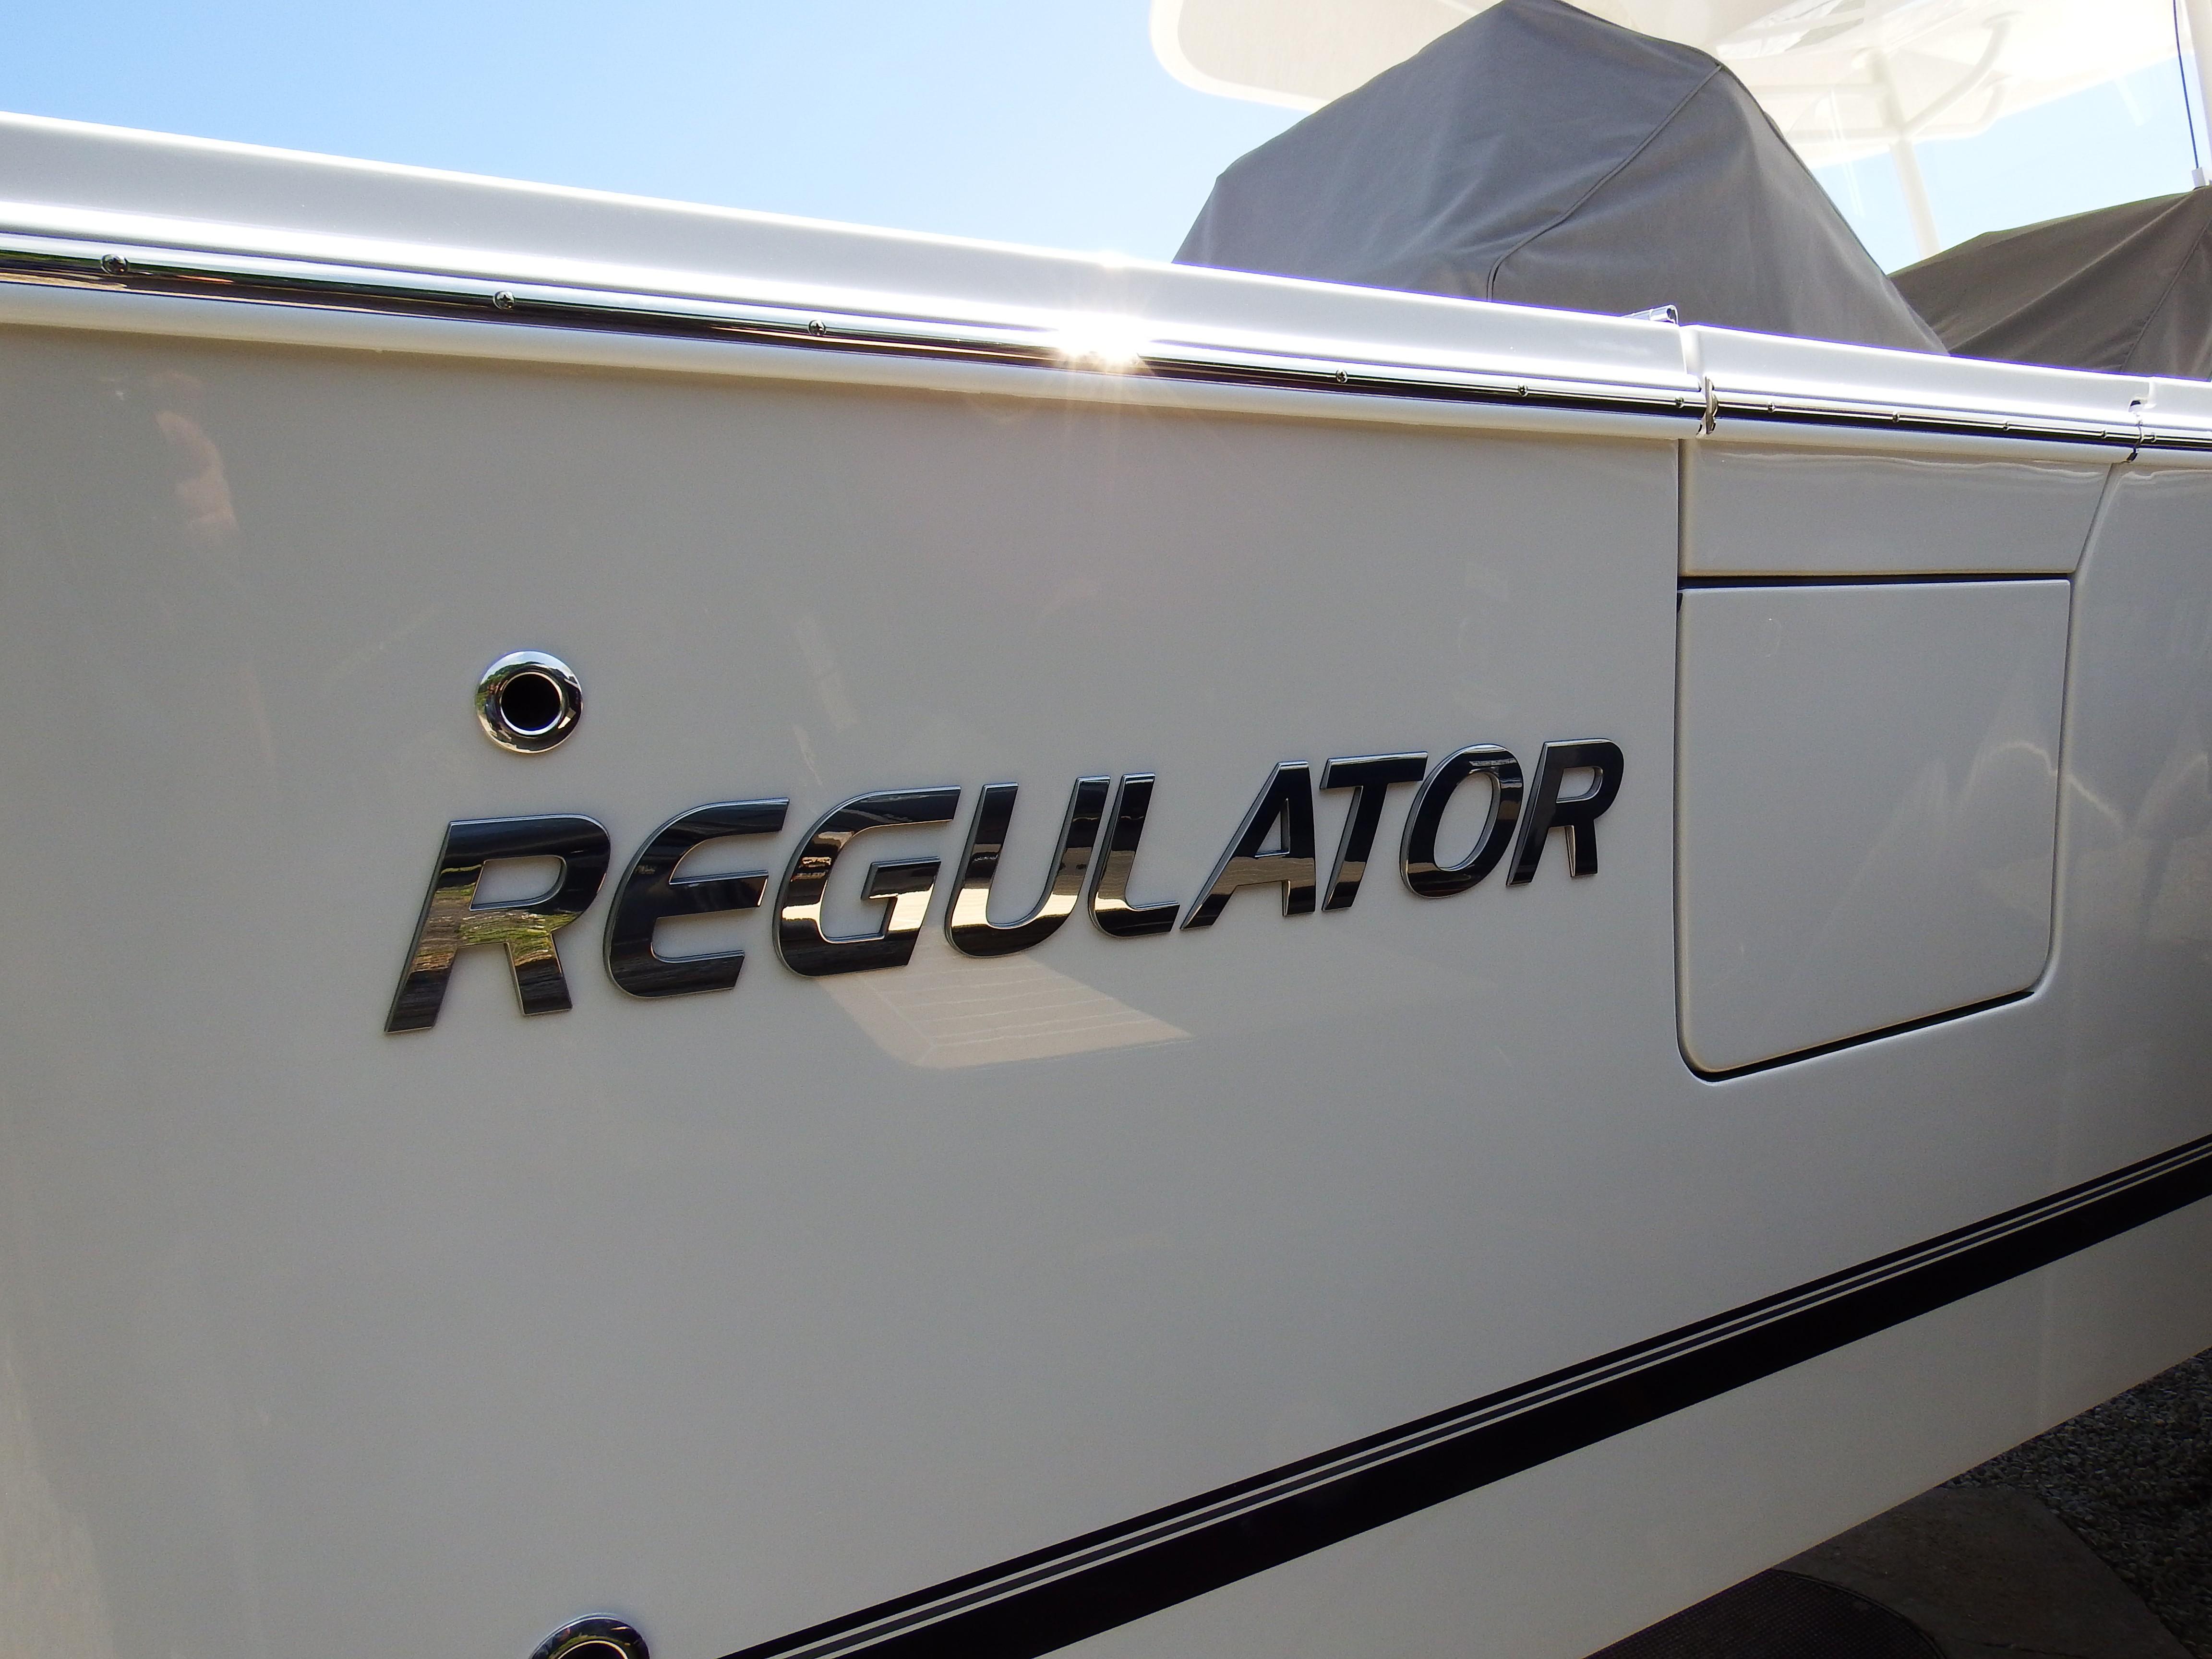 Regulator31